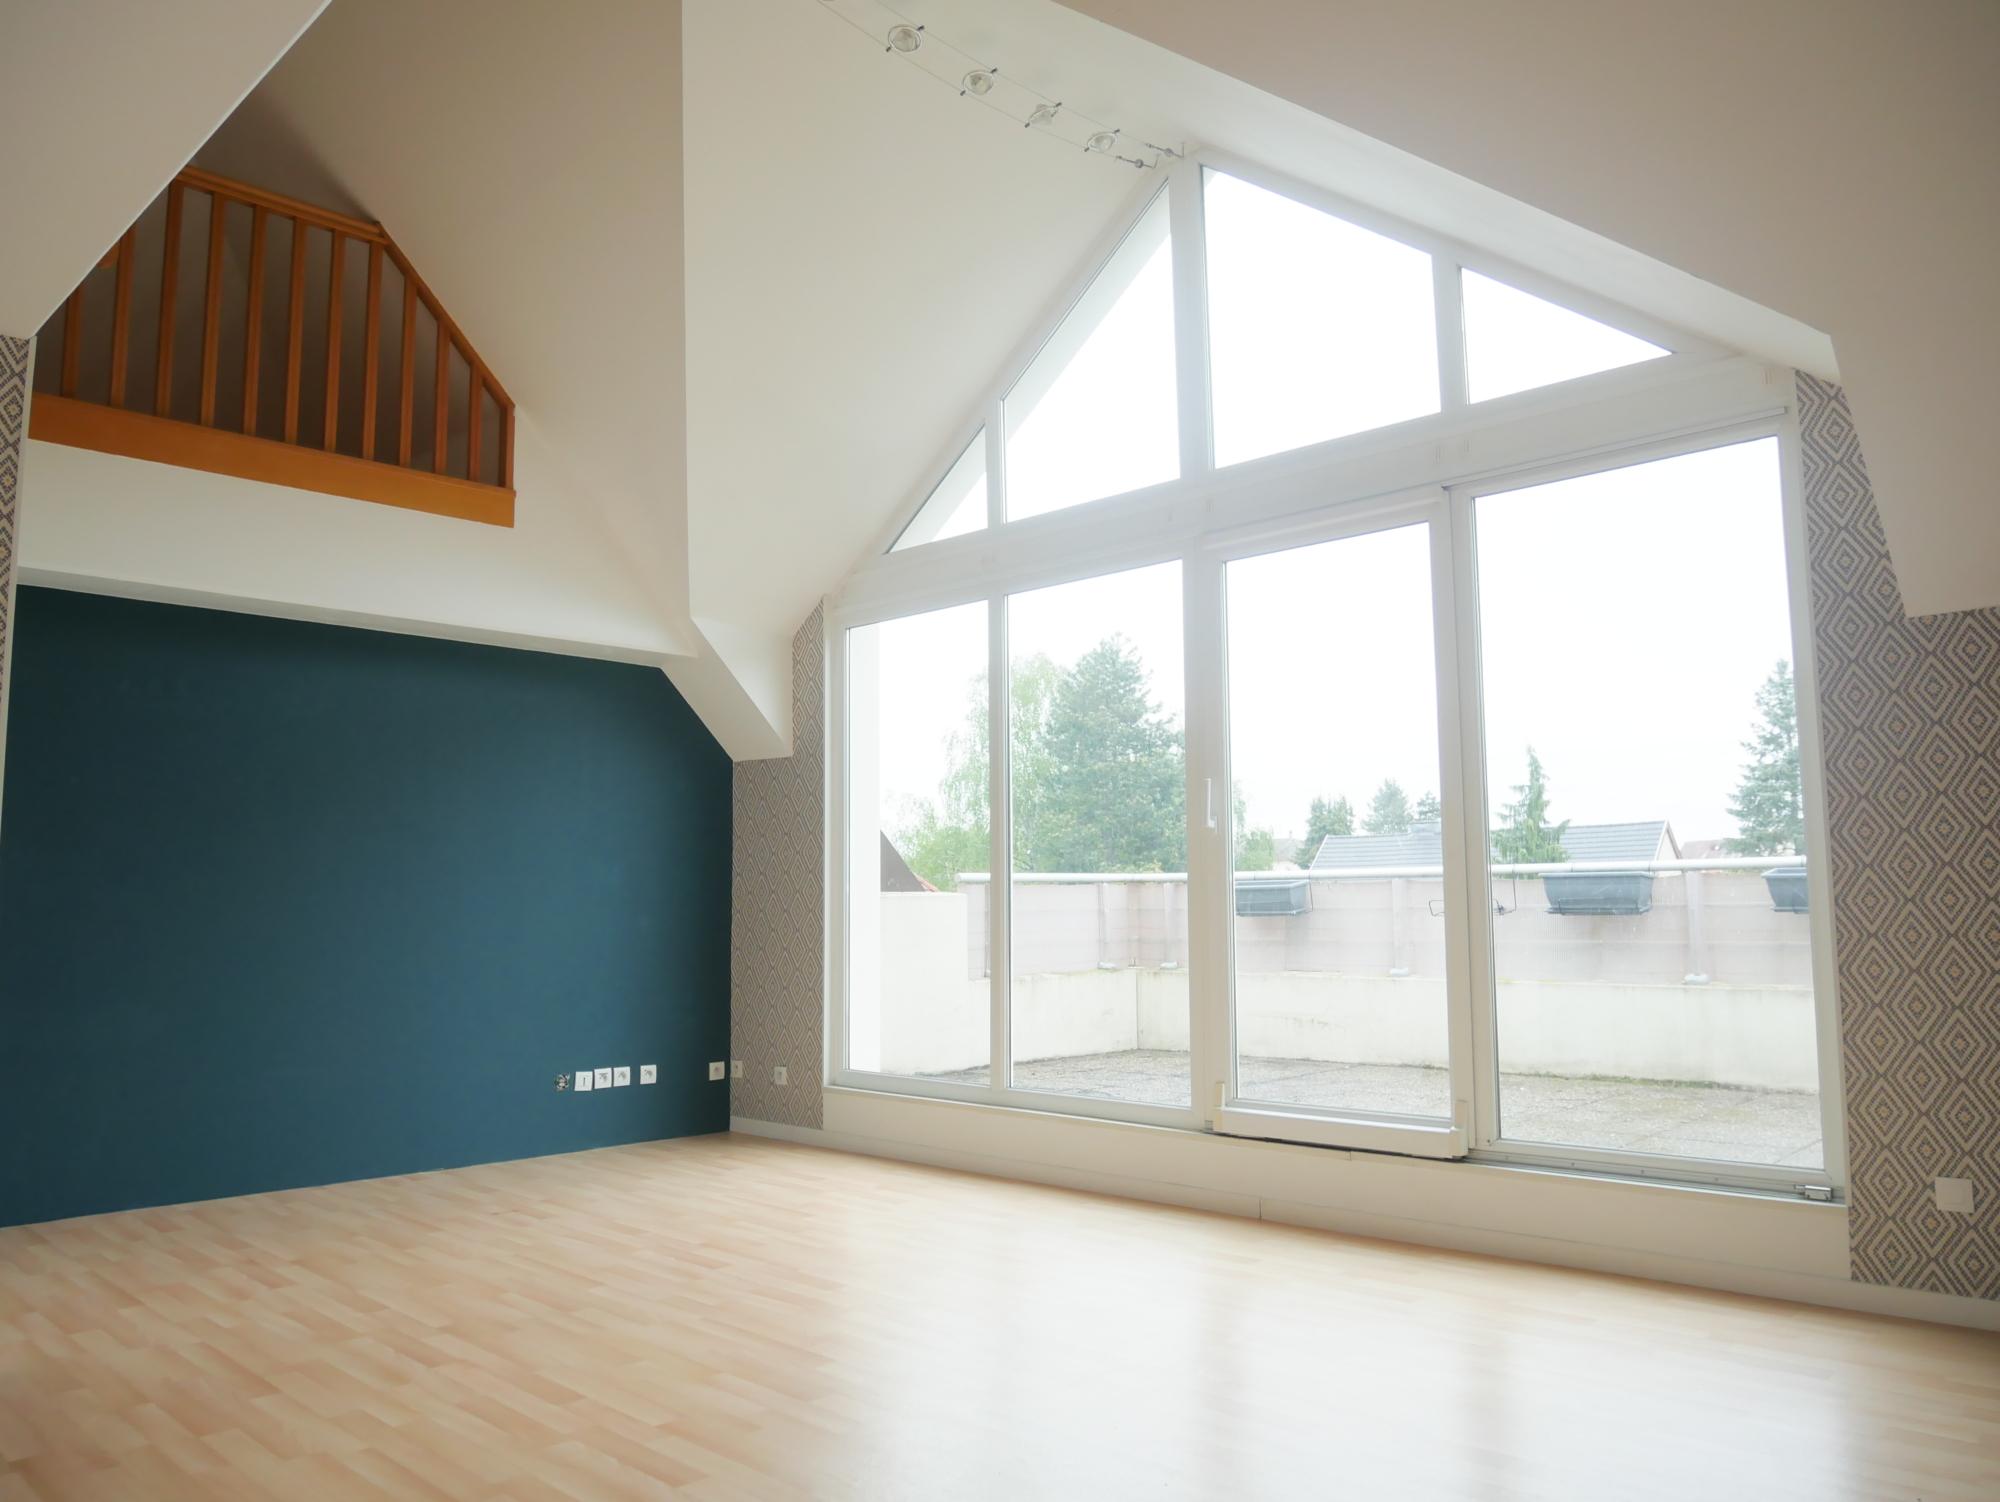 [Lumière] Lumineux 3 pièces en duplex - Stockfeld / rue de la Faisanderie - nos locations - Beausite Immobilier 1